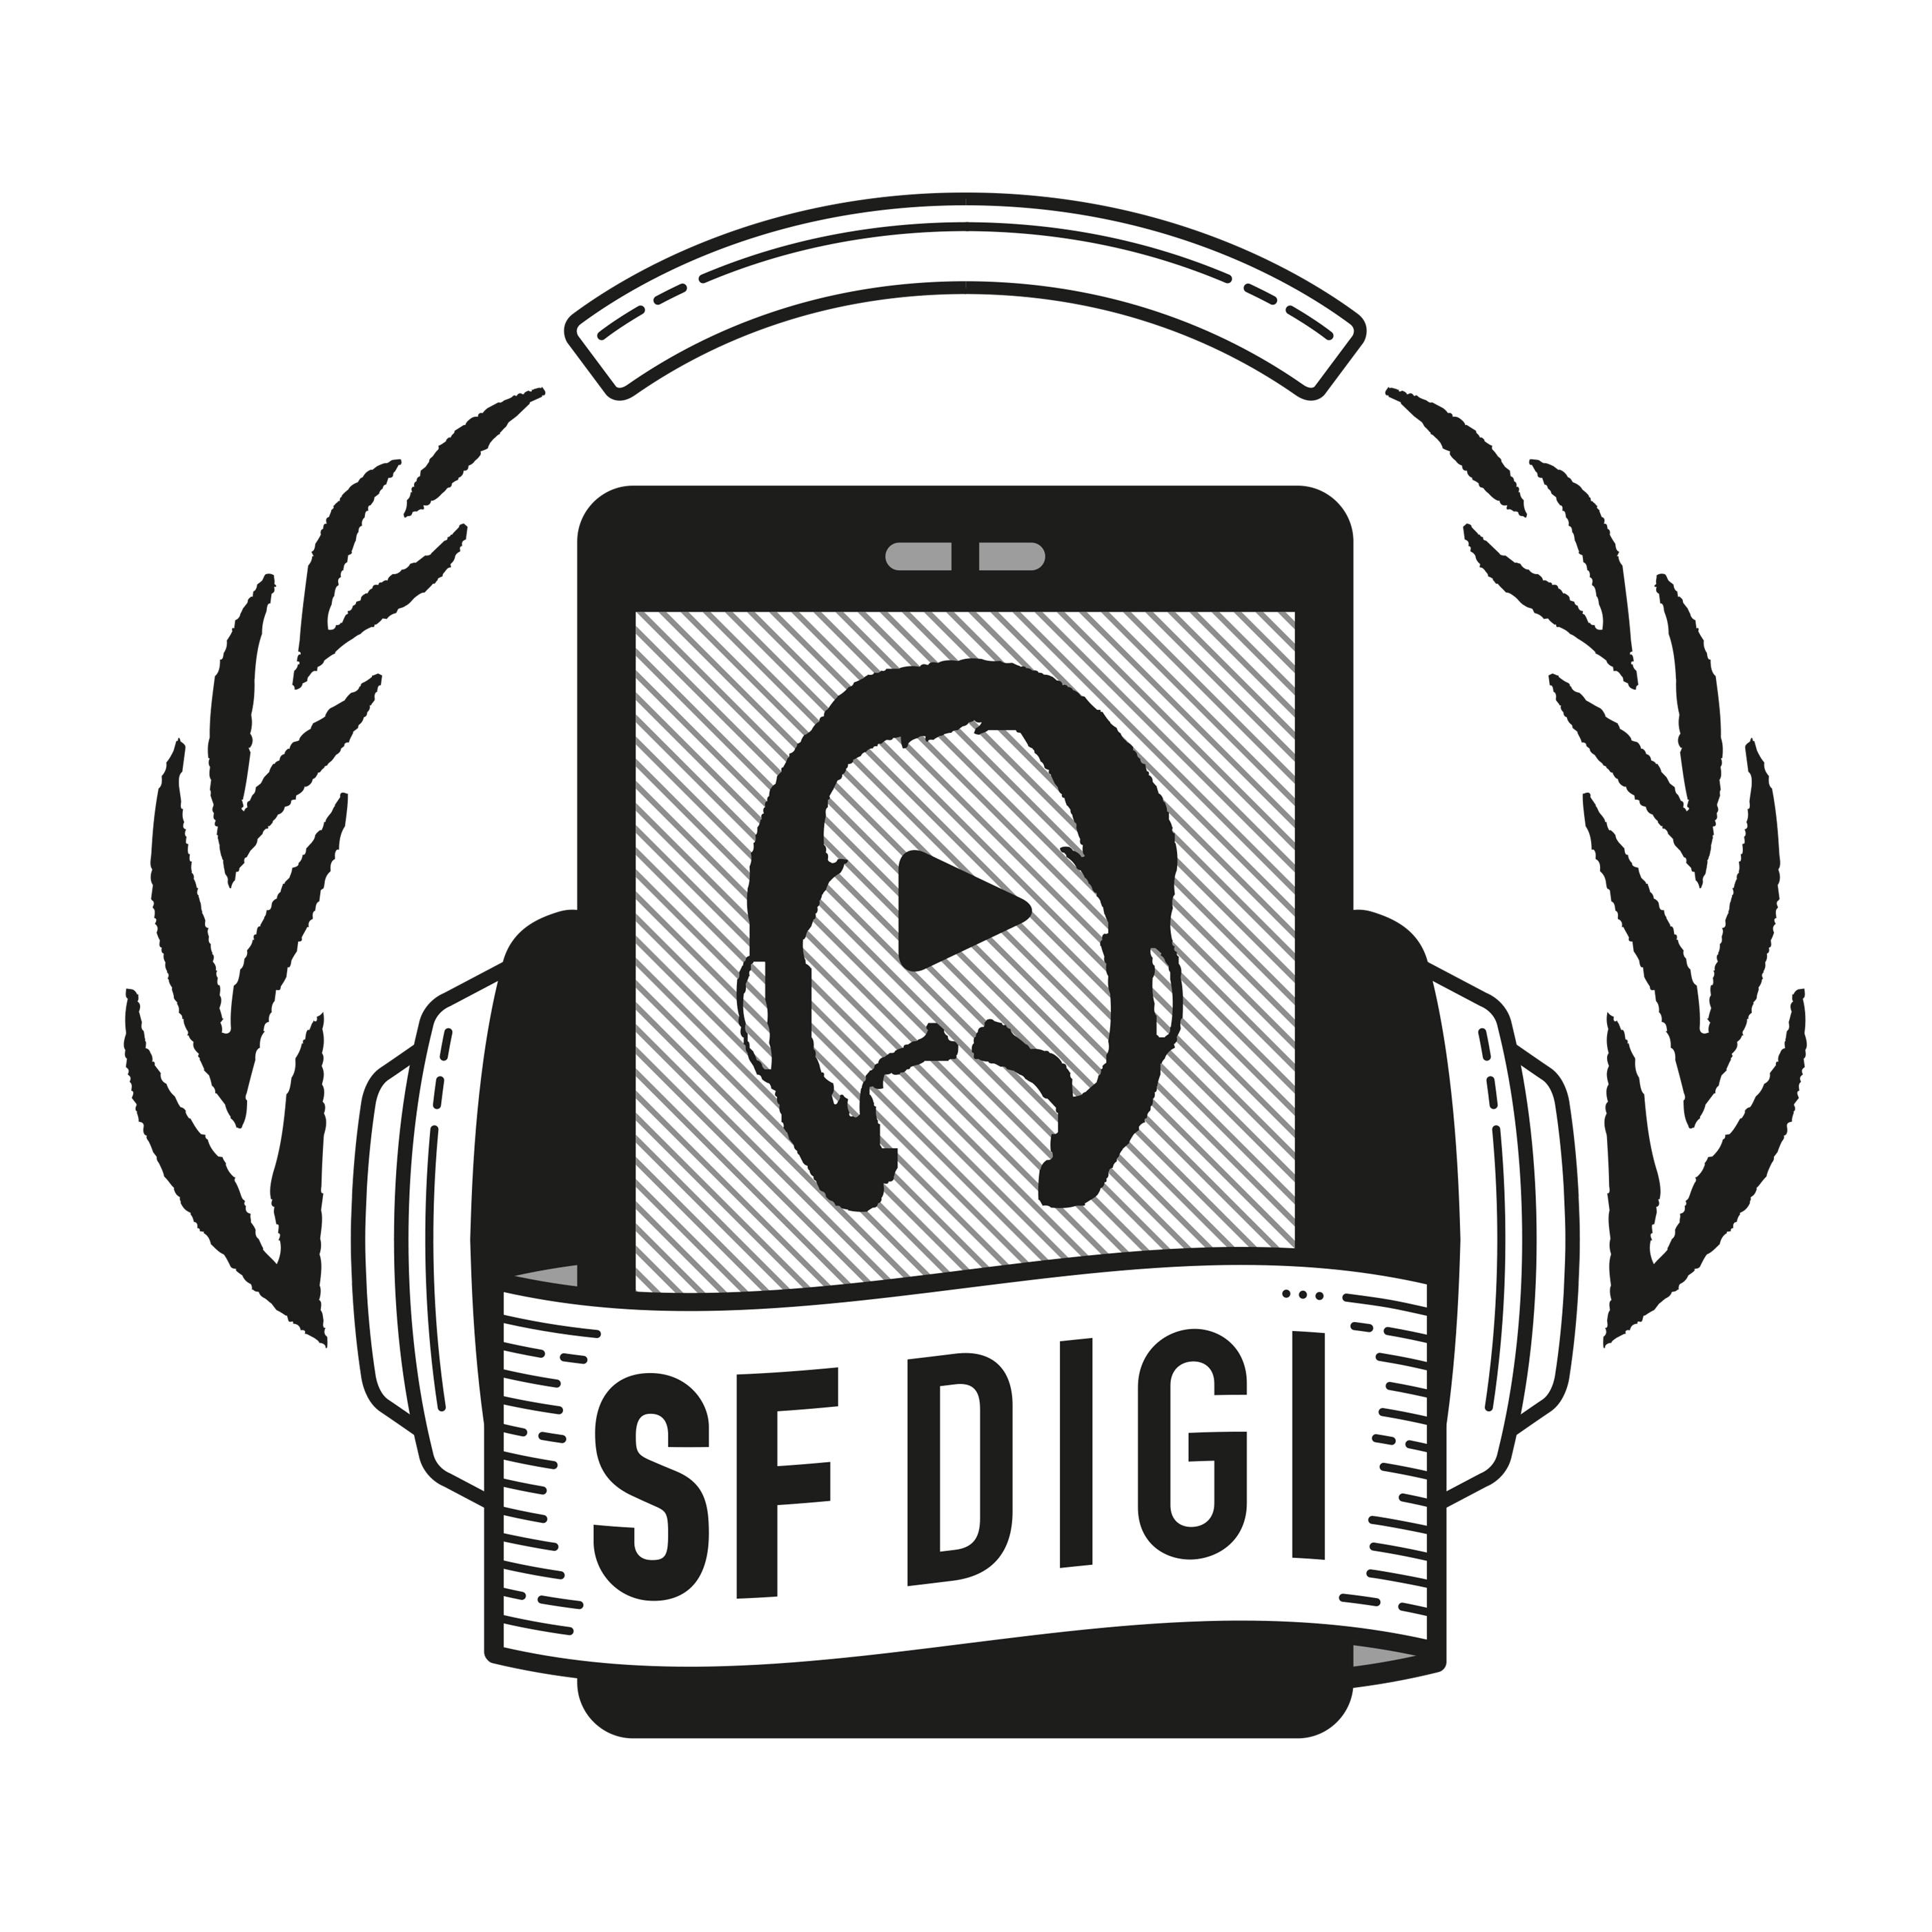 sfdigi-logo